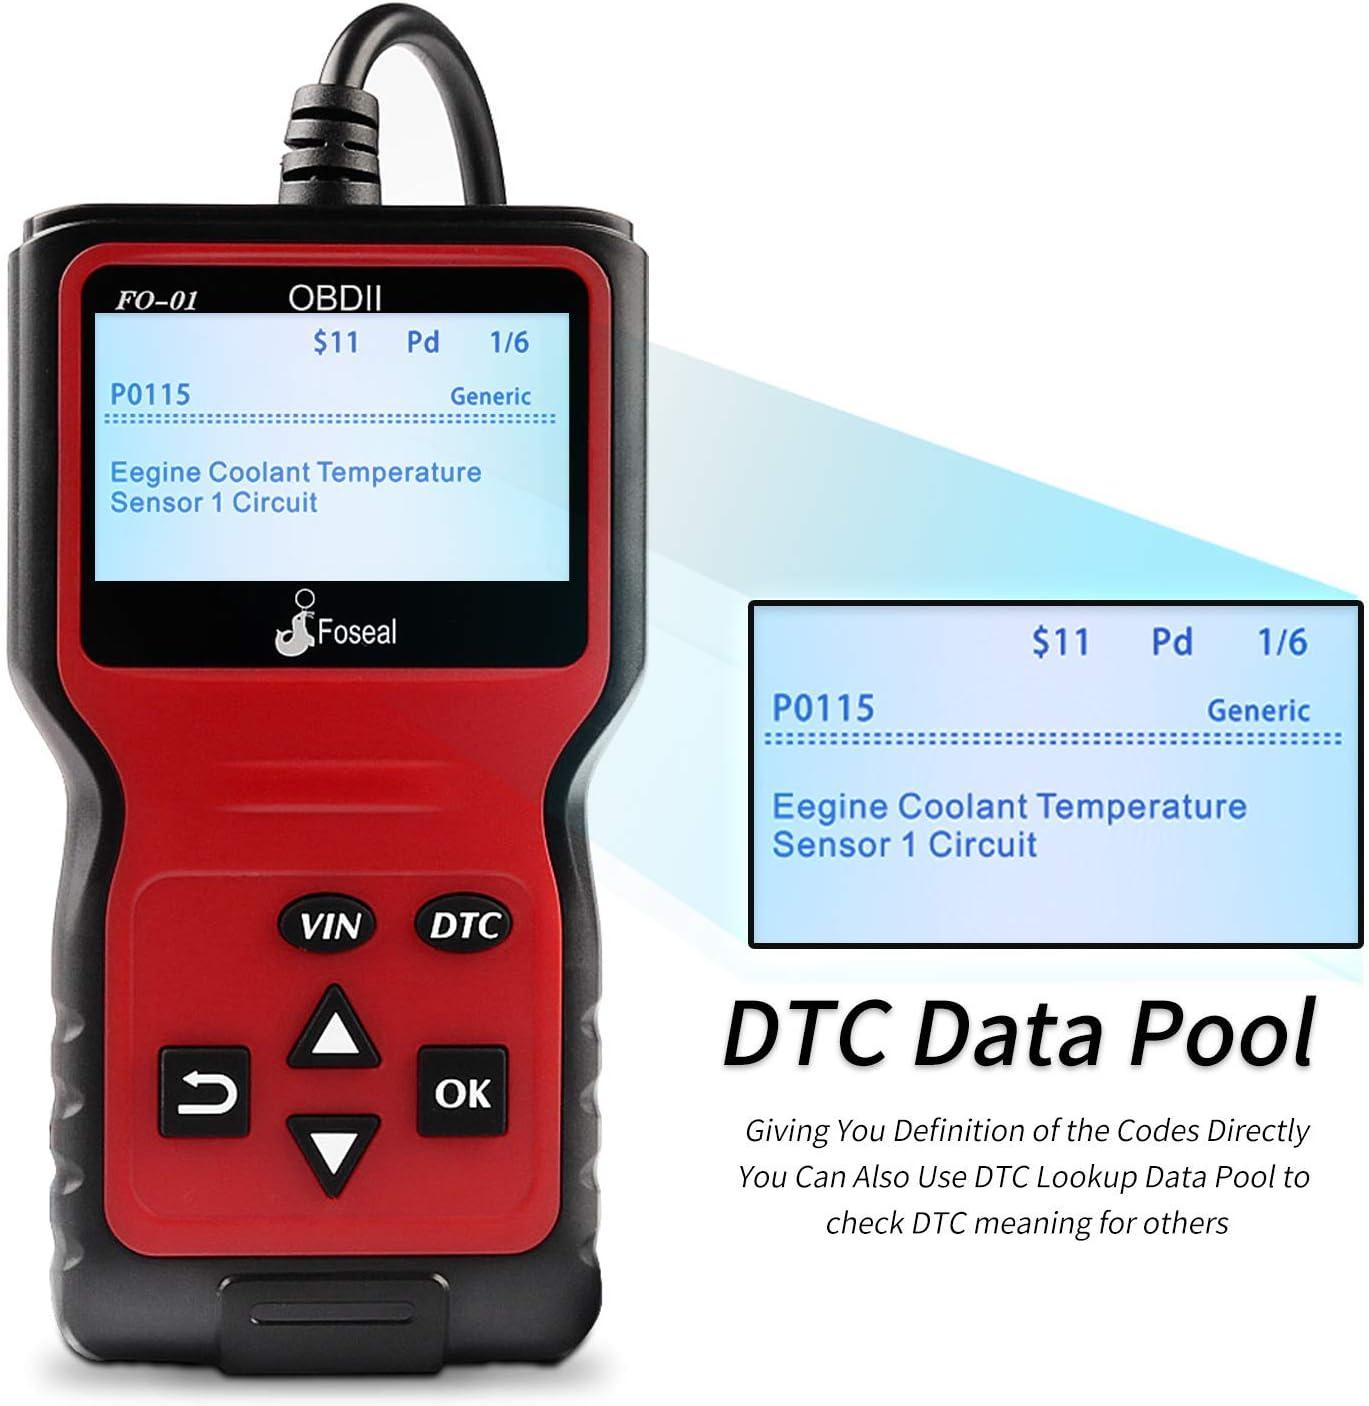 Lettore e Chiari Codici di Errore Adatto con Protocollo OBDII Standard dal 2000 Foseal Diagnostica/Auto/OBD2 Scanner Strumenti Analizzatore DellAutomobile Universale Motore ABS SRS